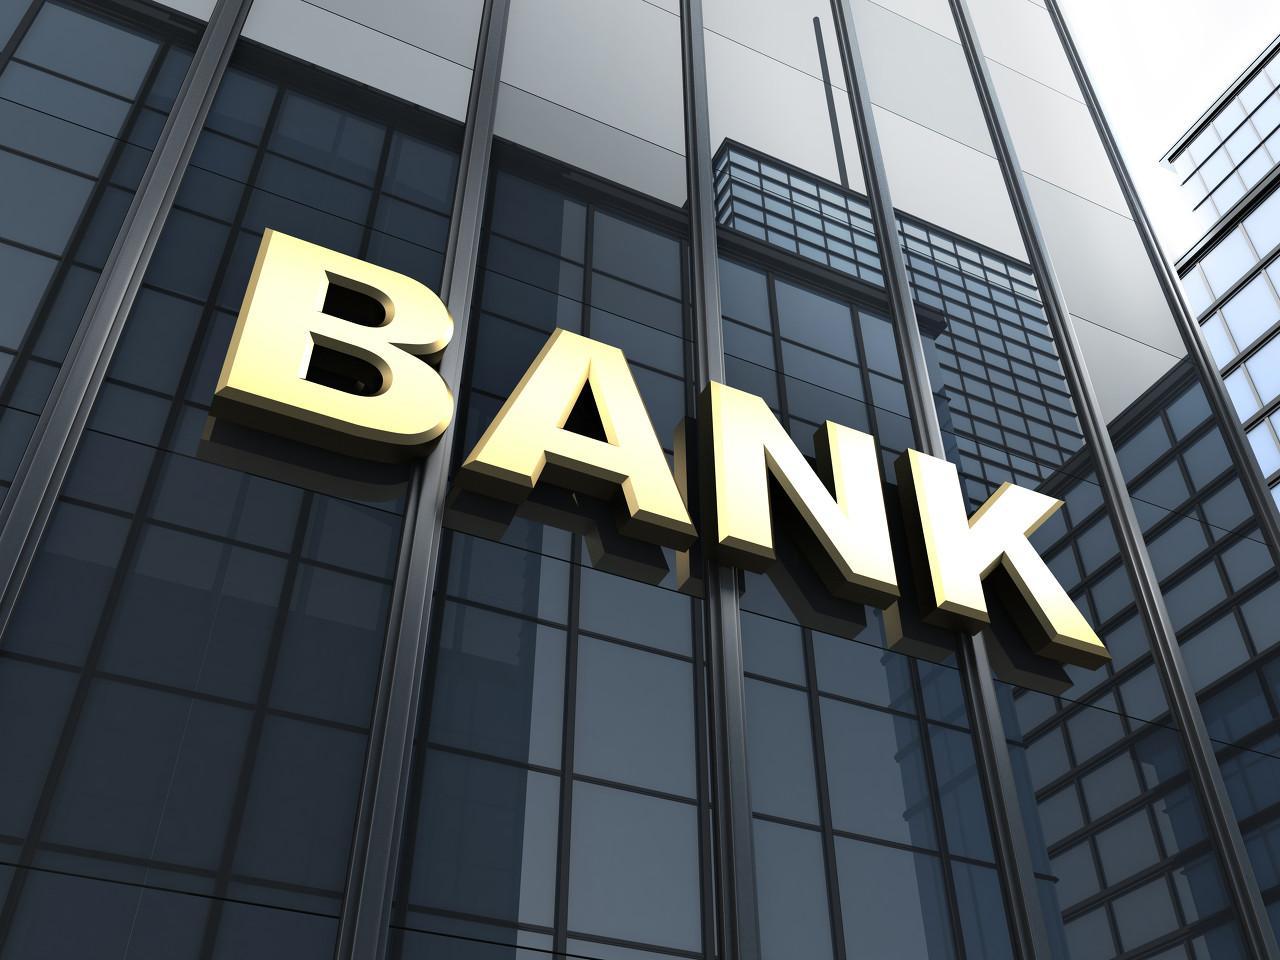 银行 | 复盘08年金融危机,经济刺激下银行股有何机会?